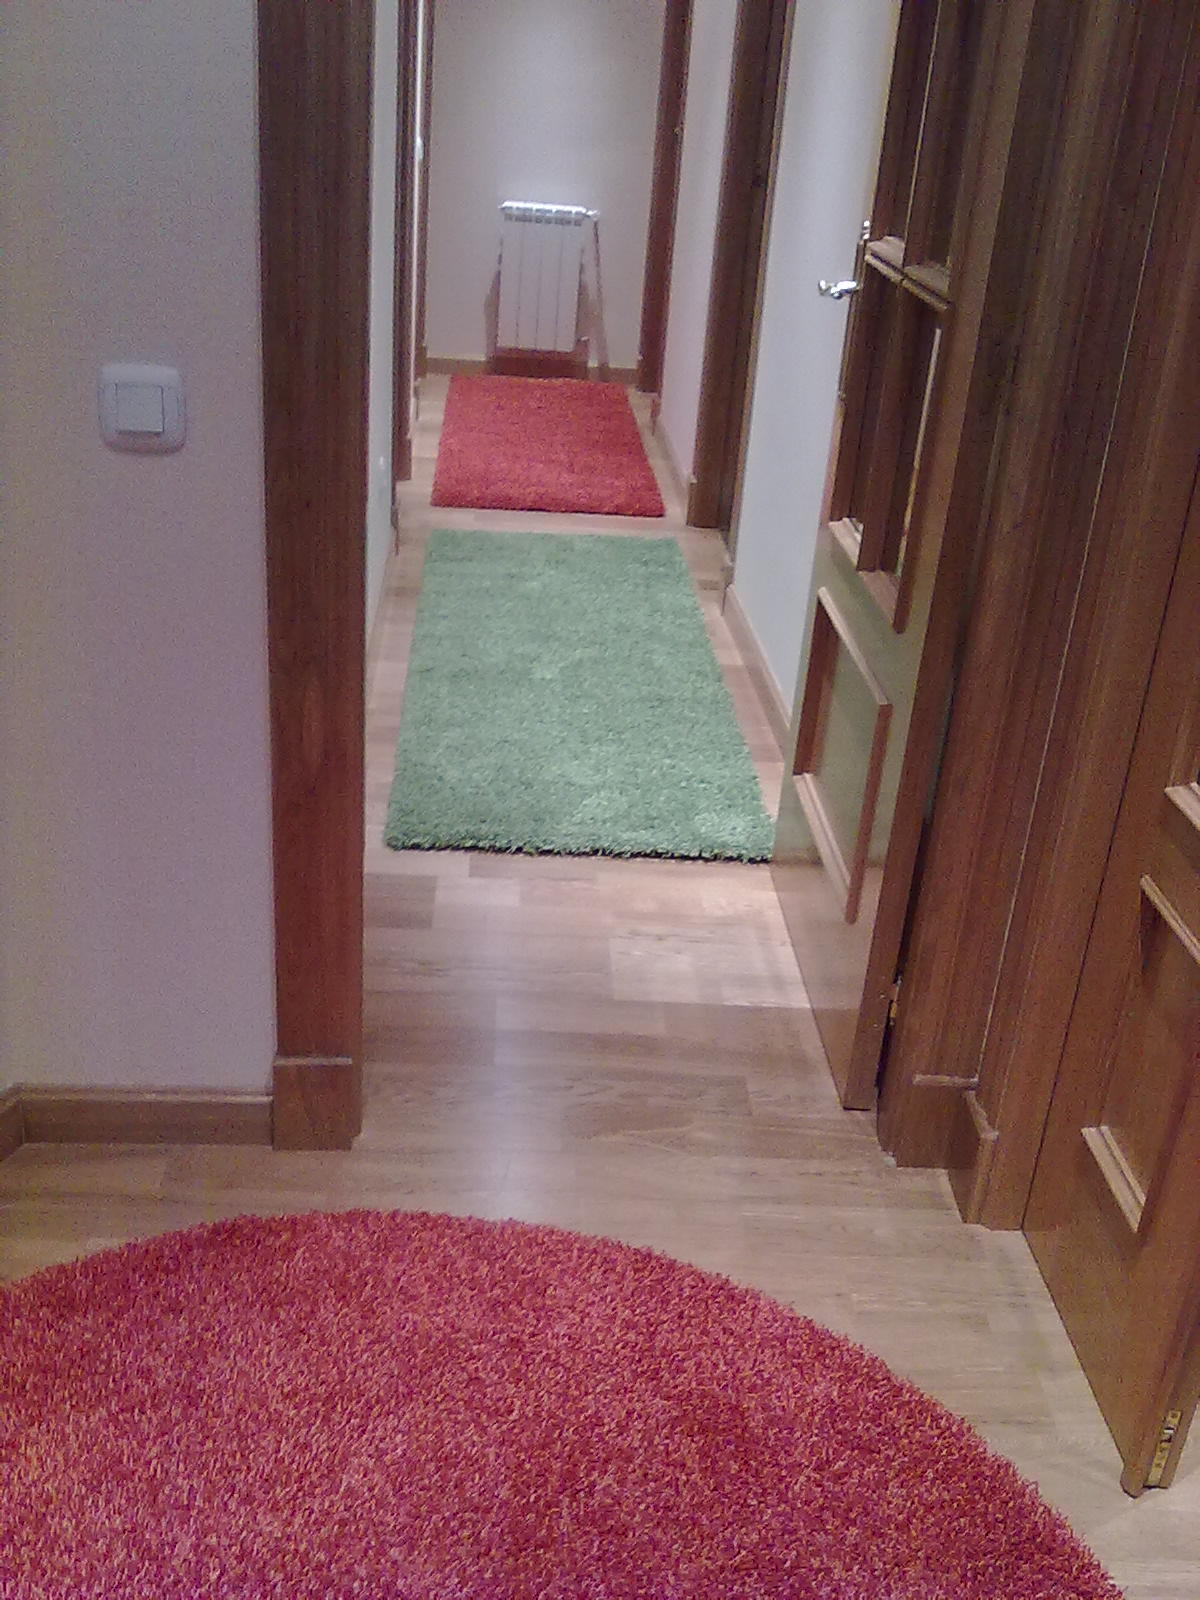 Quintero decoraci n textil alfombras a medida - Alfombras a medida ...